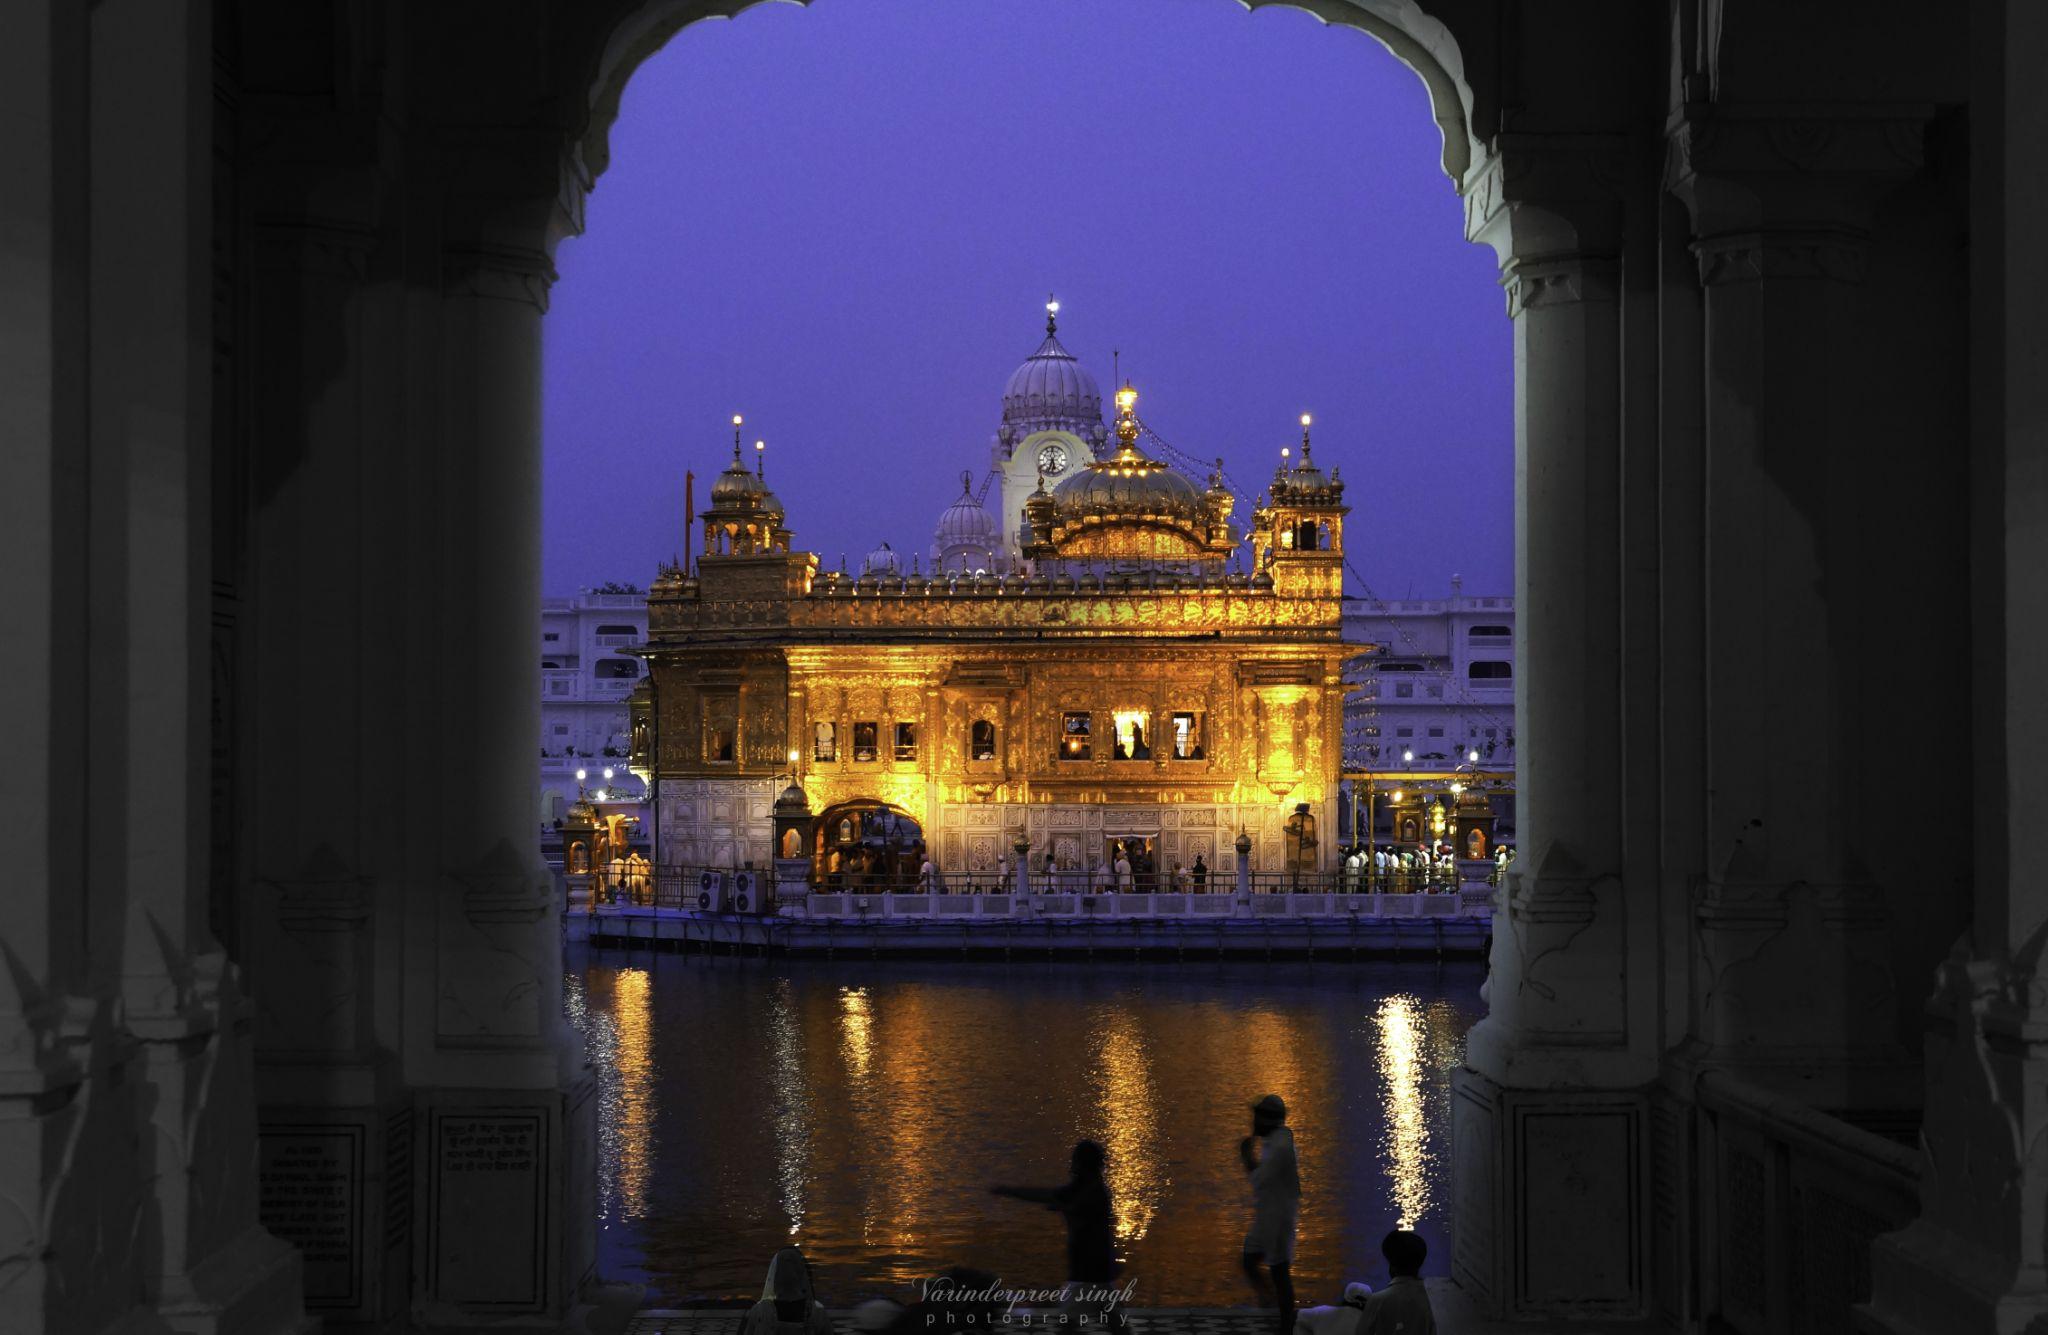 The Heaven in Blue hour by Varinderpreet Singh